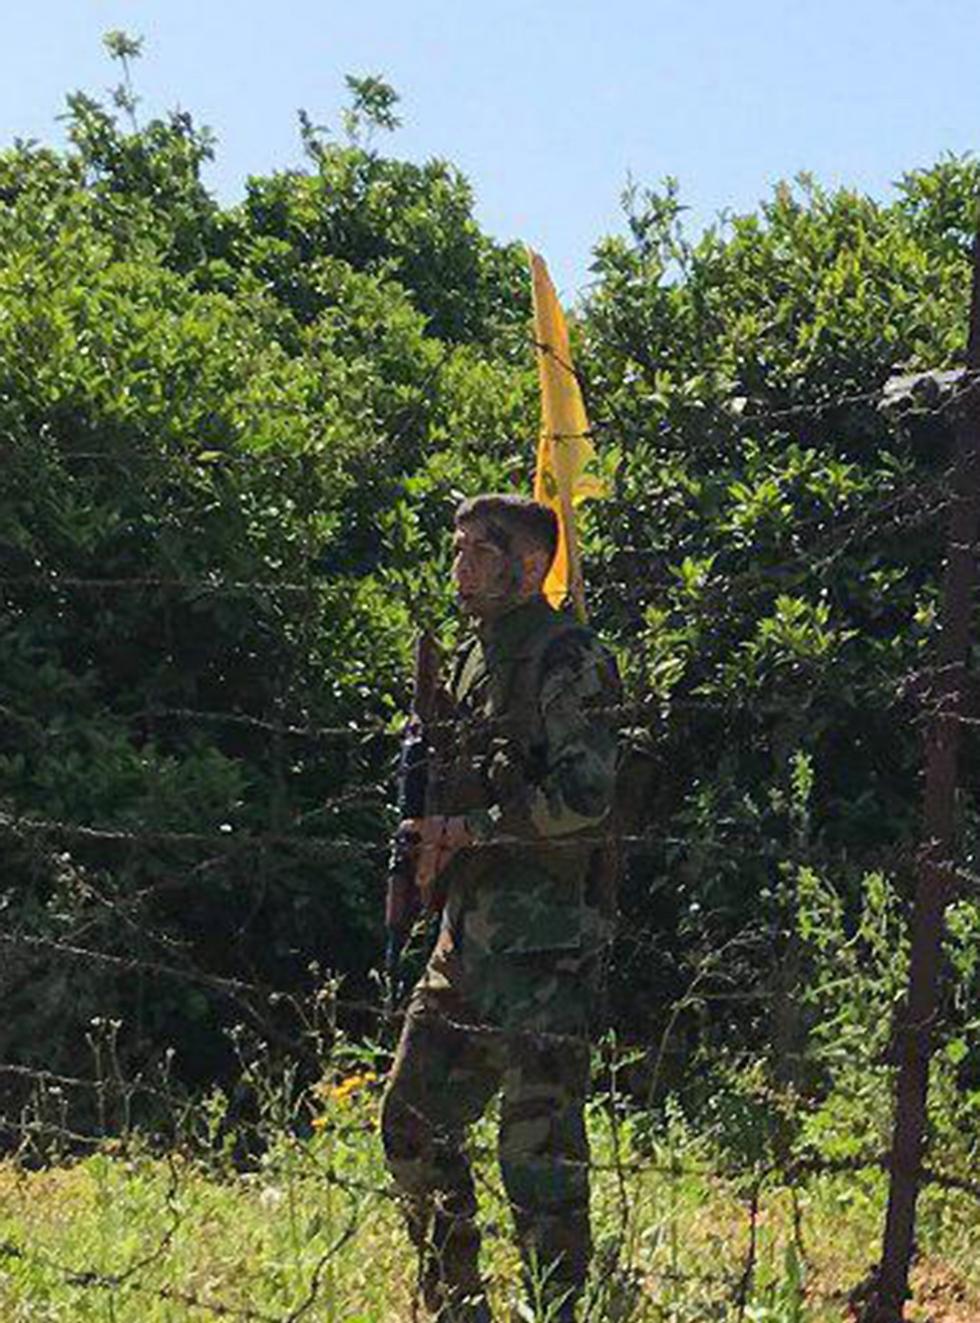 לוחם חיזבאללה בקרבת הגבול הישראלי